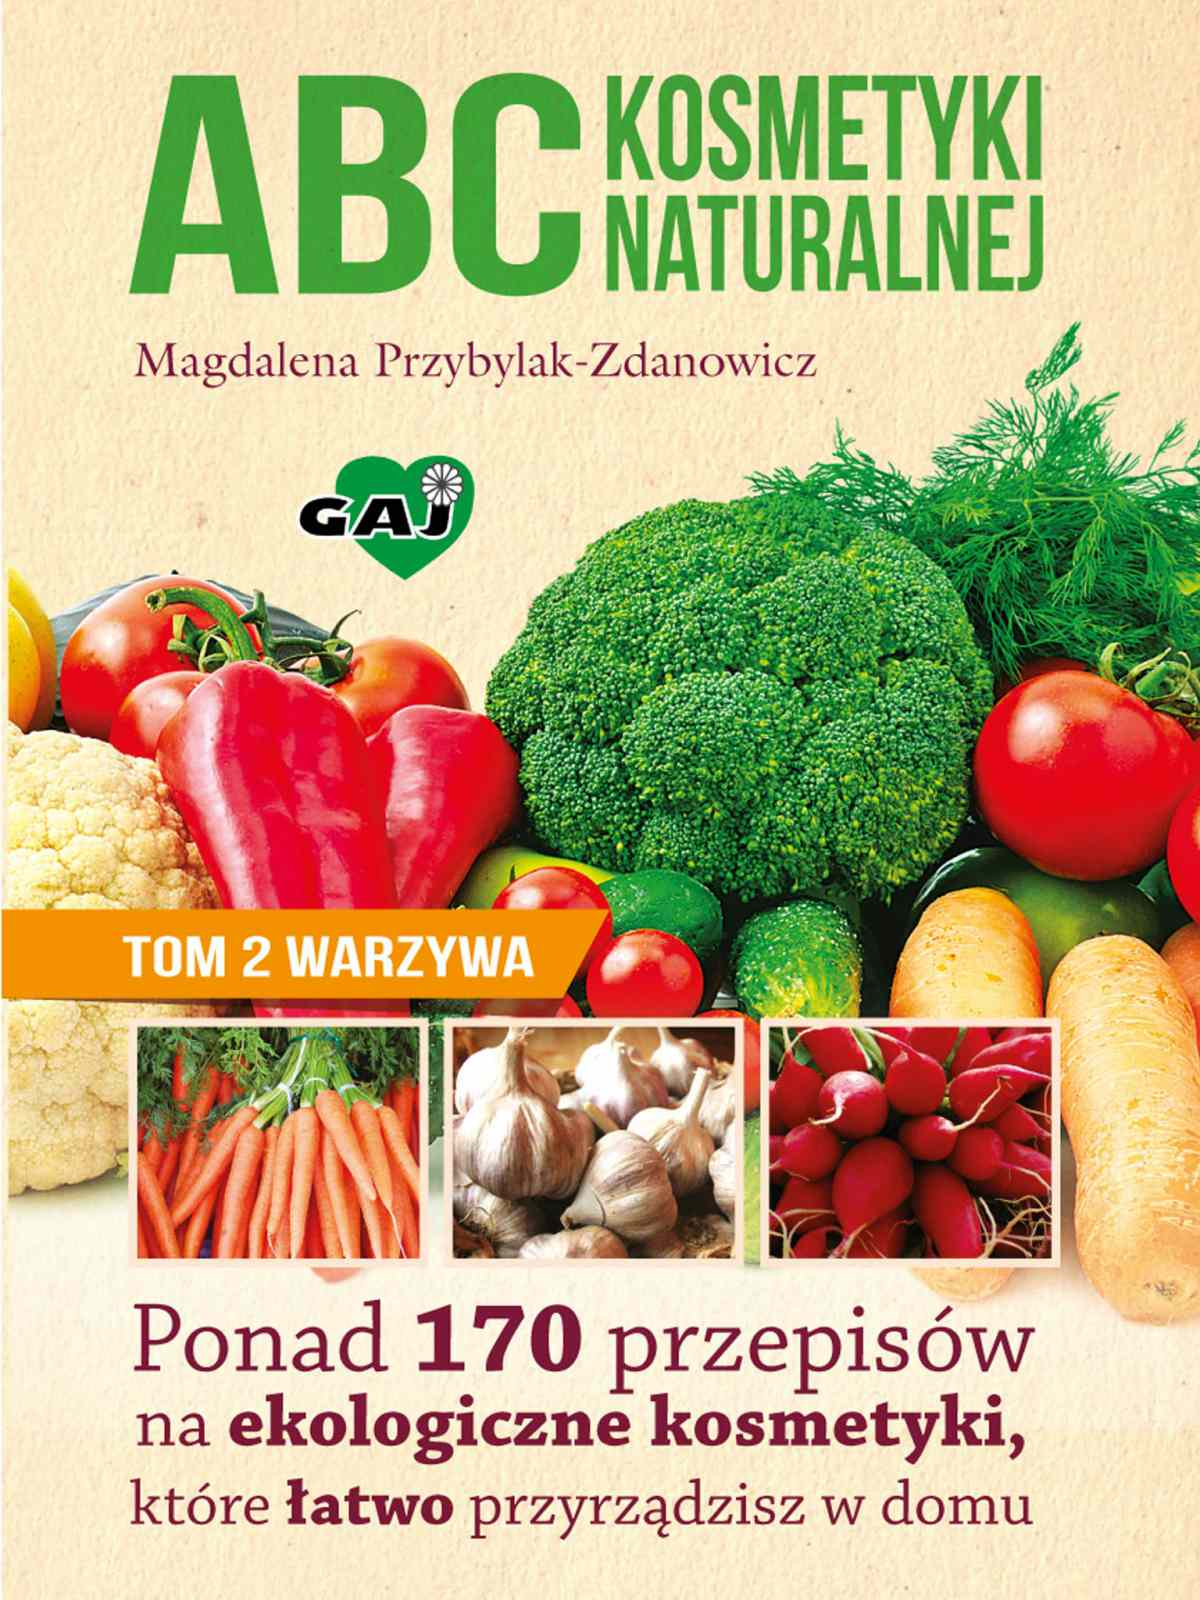 ABC kosmetyki naturalnej. Tom 2 warzywa - Ebook (Książka EPUB) do pobrania w formacie EPUB